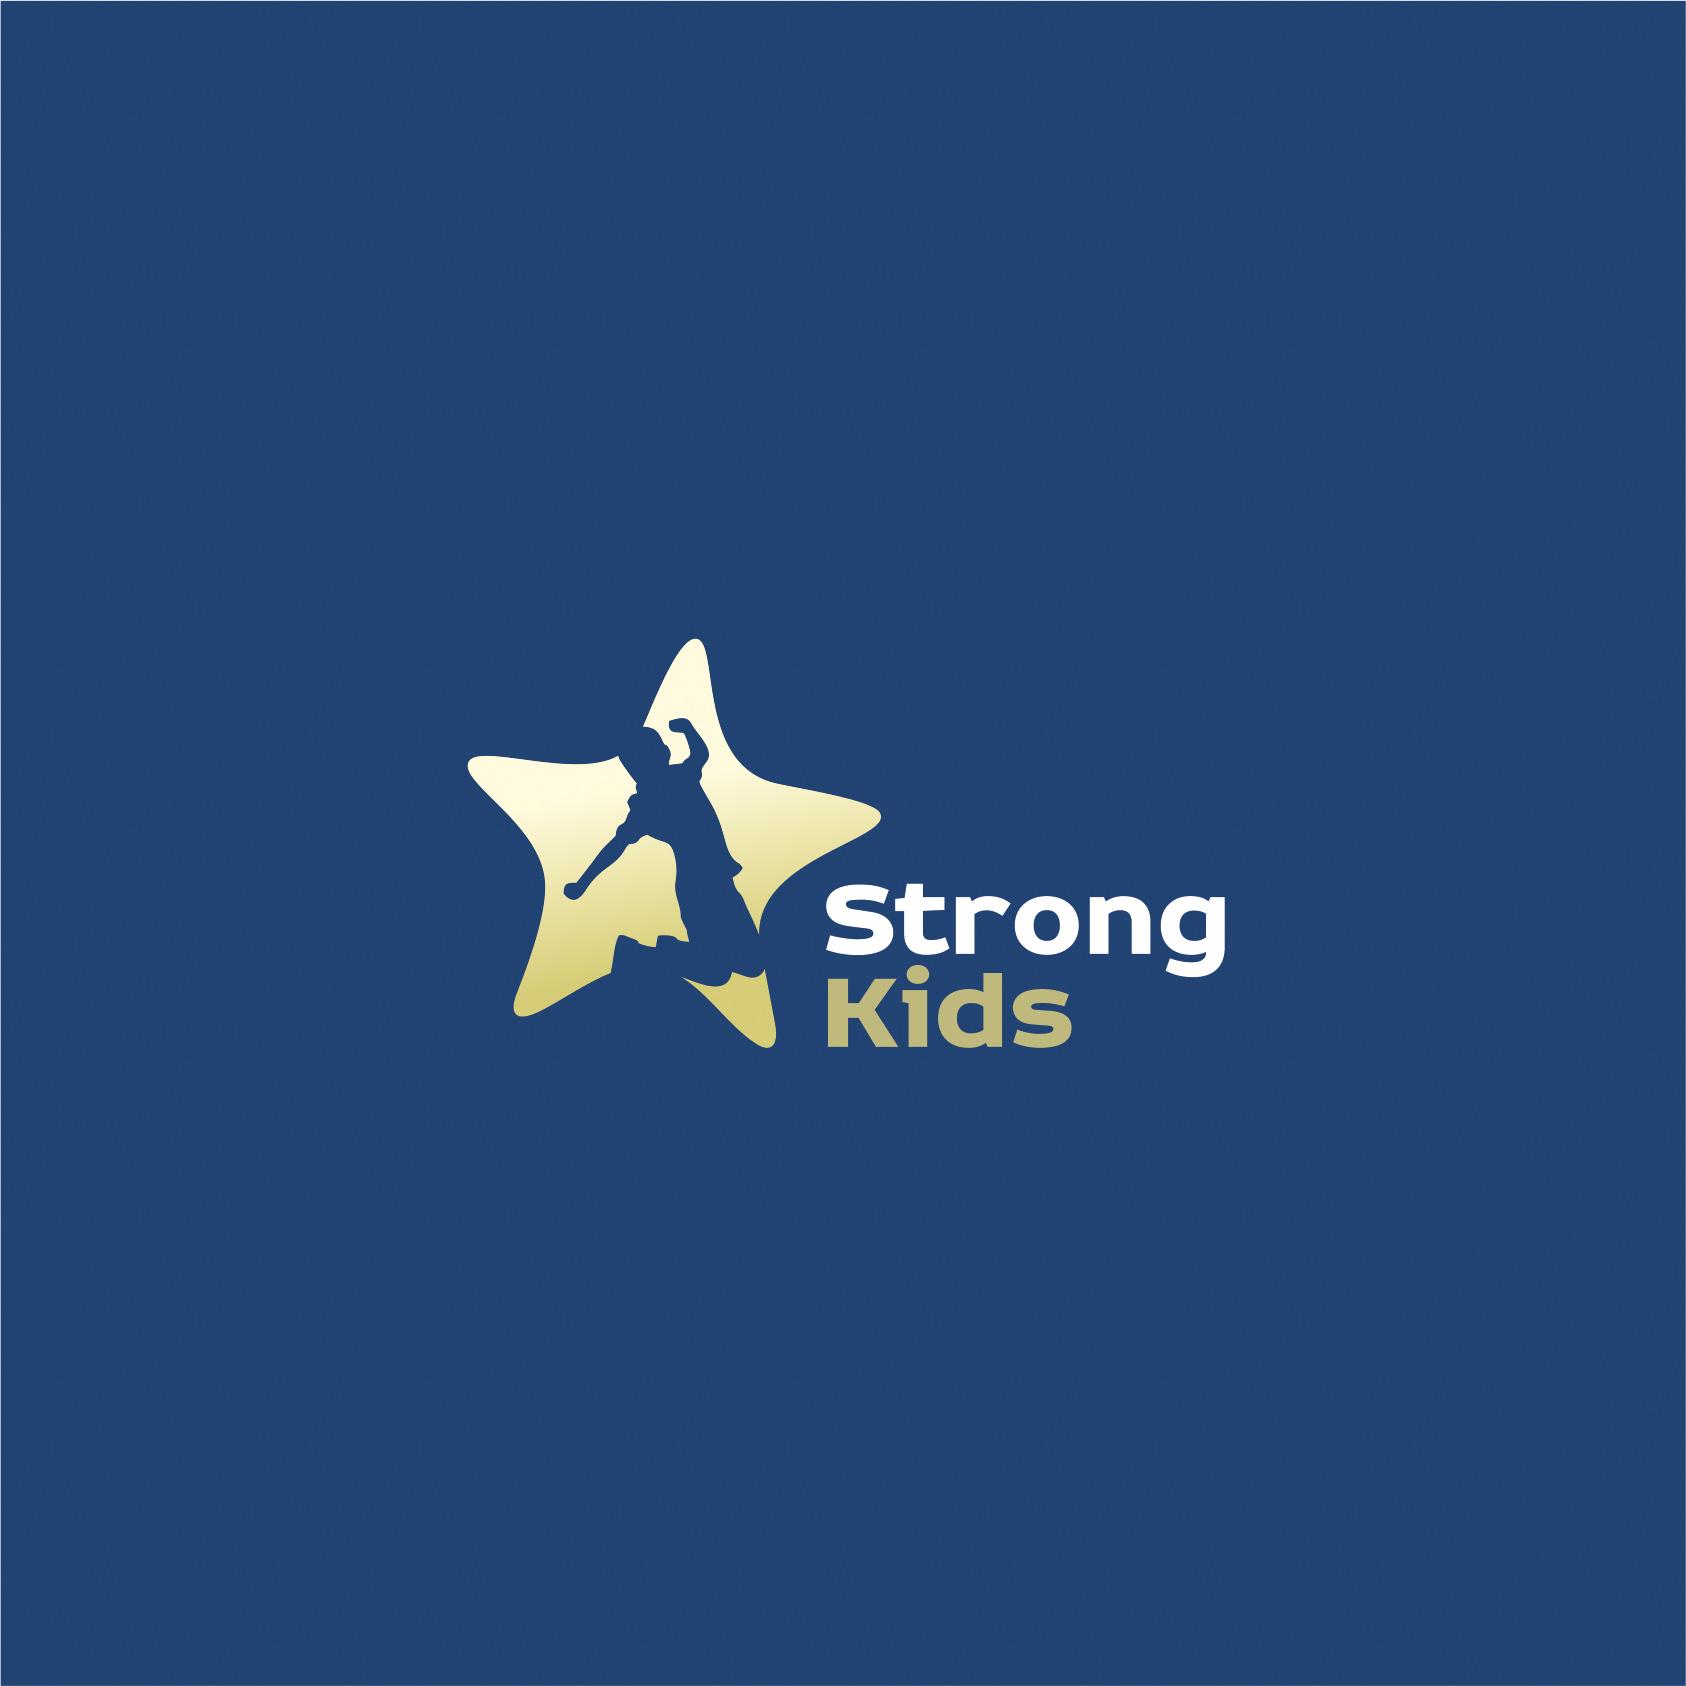 Логотип для Детского Интернет Магазина StrongKids фото f_1055c653f3fdef4d.jpg